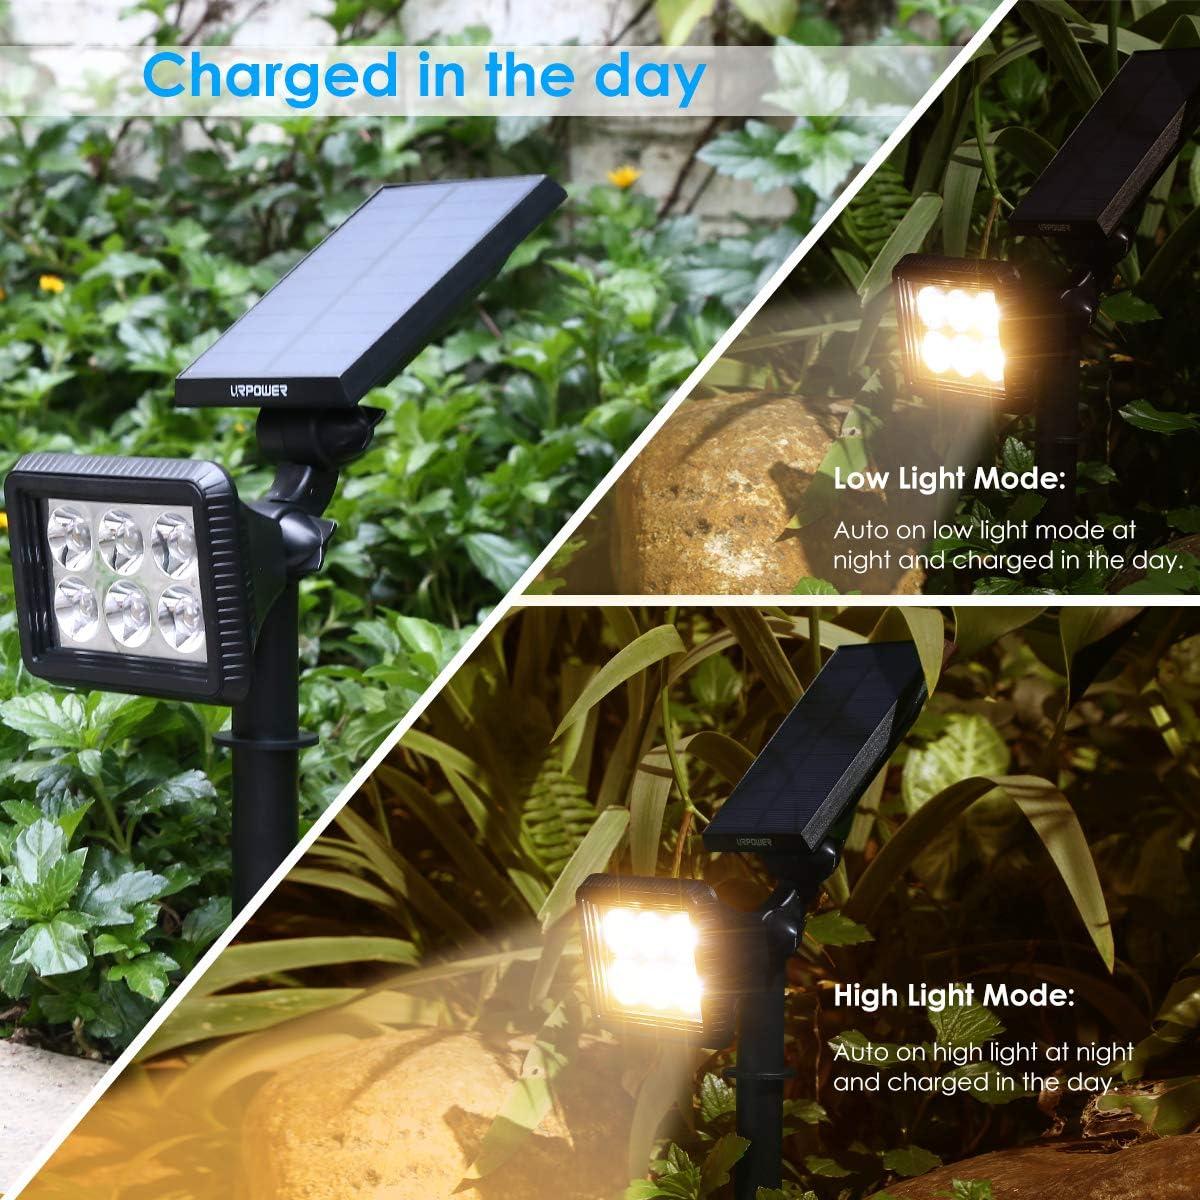 Outdoor Garden Spike Light Long Life Spotlight Tree UpLighter Lamp Black Path#GG